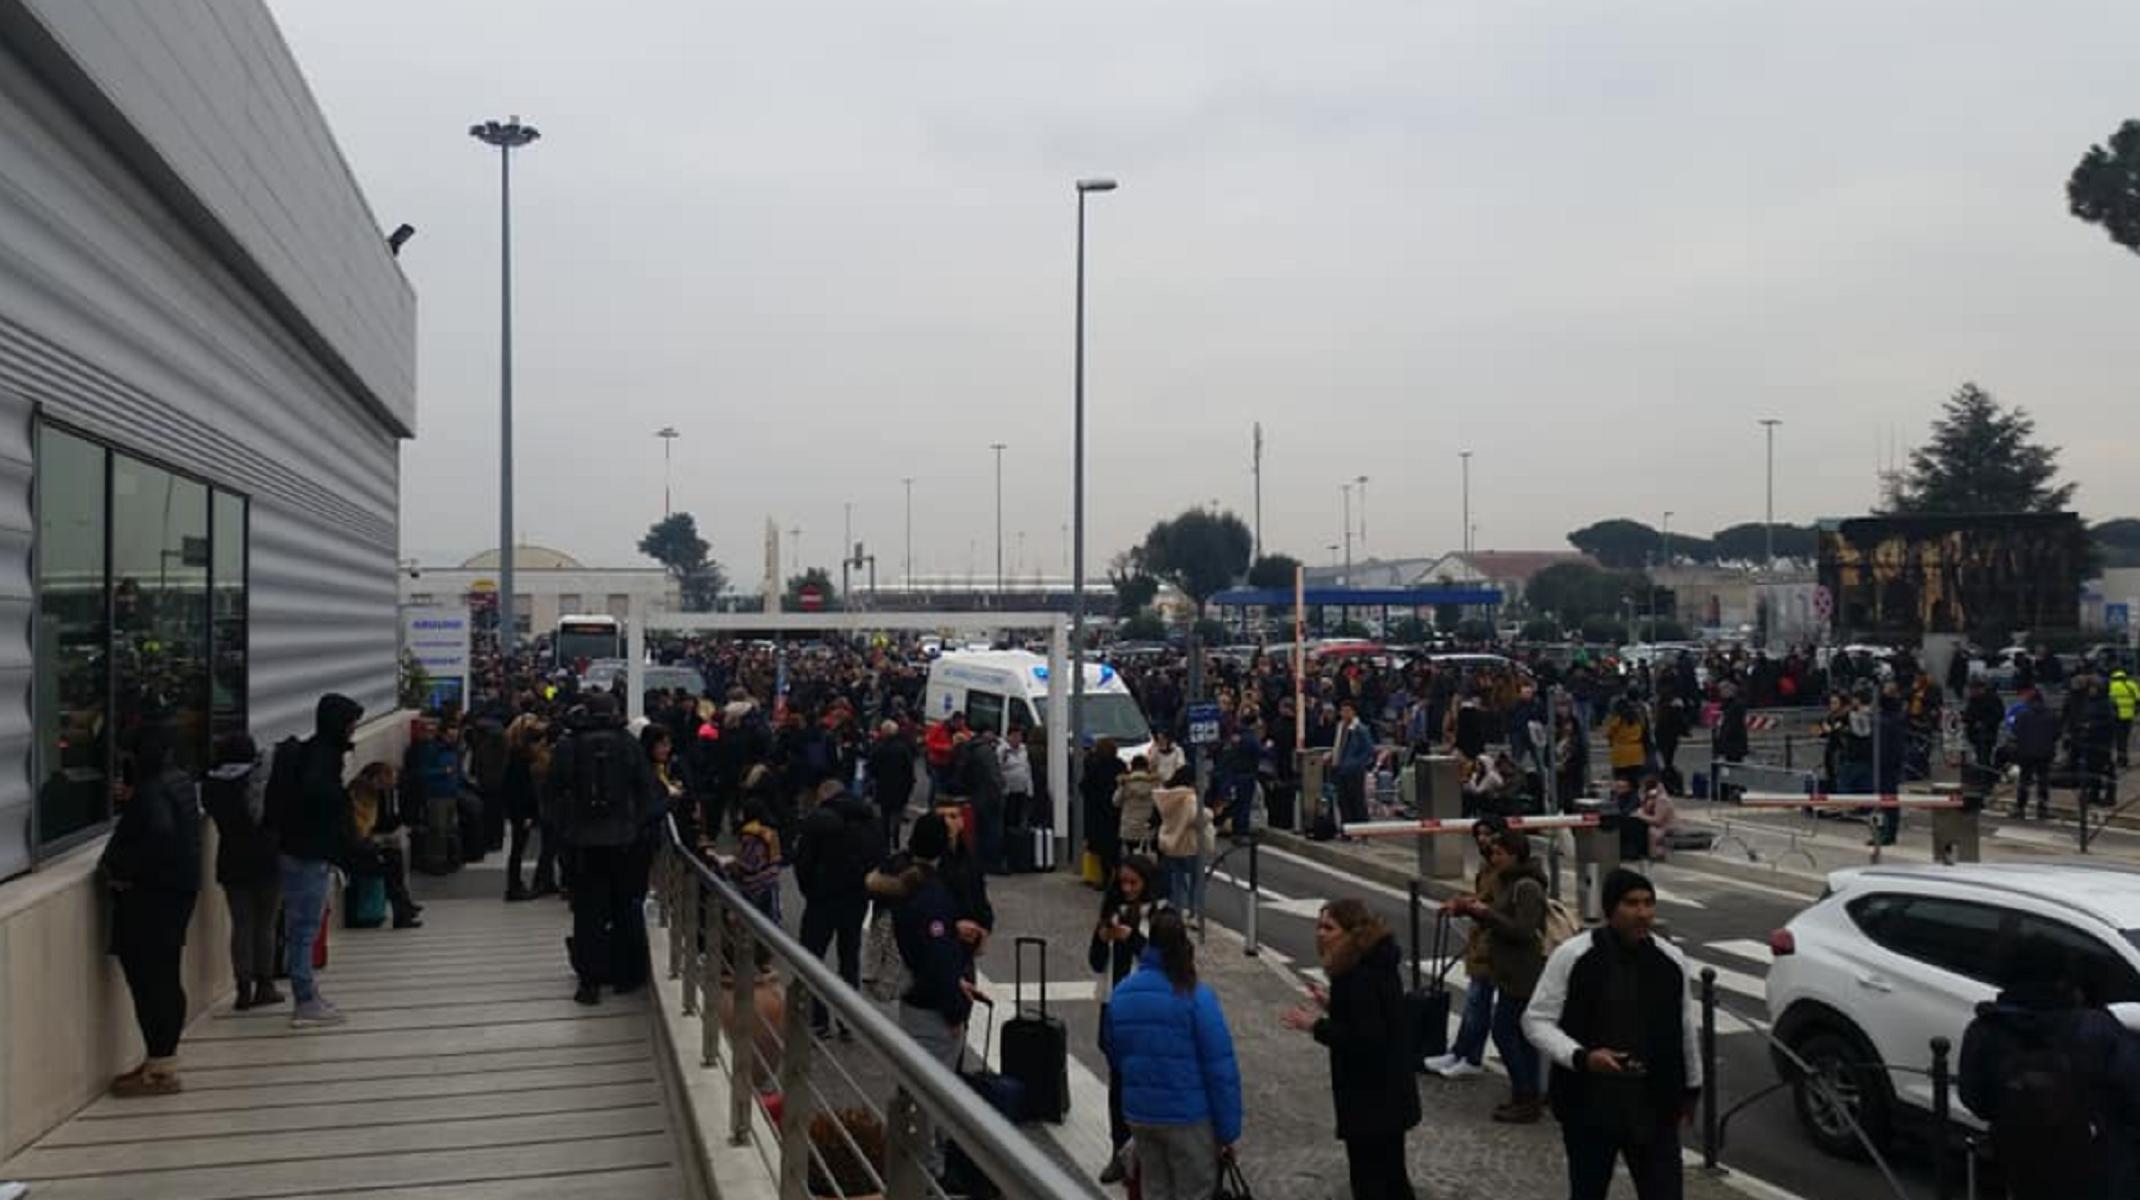 Aeroporto Ciampino: evacuati passeggeri e dipendenti per incendio